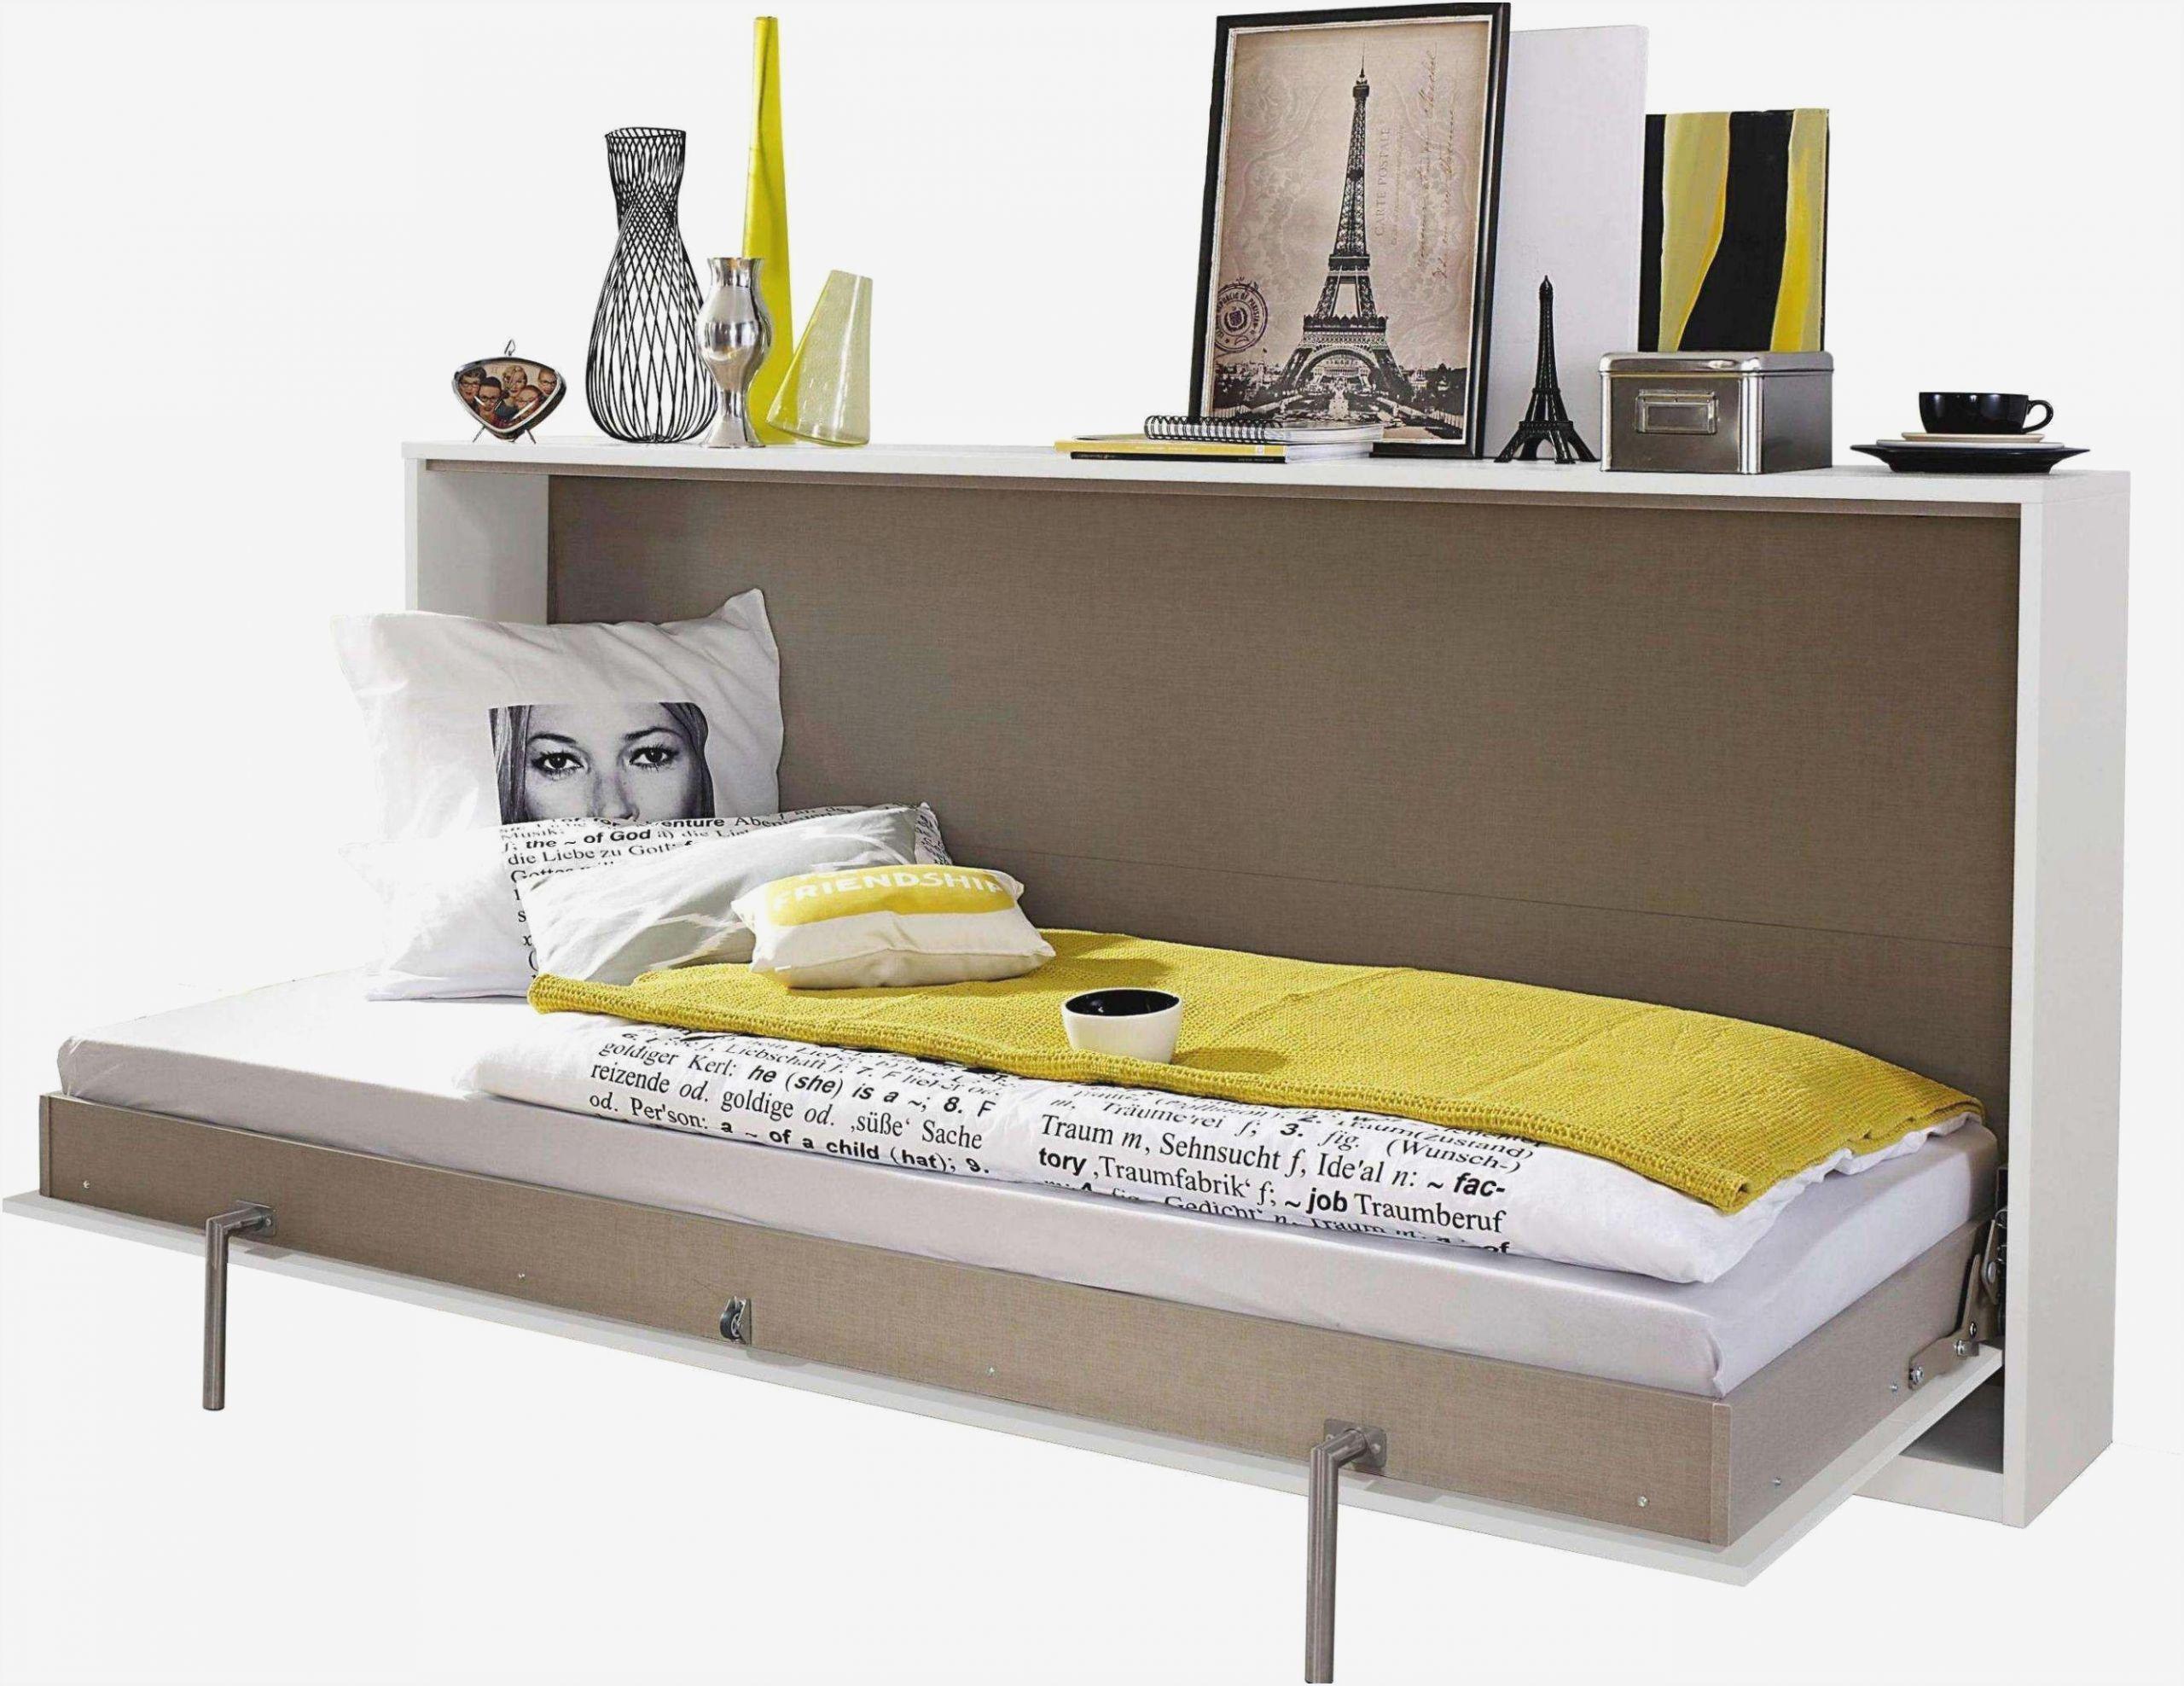 Full Size of Schlafzimmer Komplett Guenstig Kinderzimmer Gnstig Ikea Traumhaus Romantische Bad Komplettset Wandbilder Landhausstil Weiß Wiemann Led Deckenleuchte Schlafzimmer Schlafzimmer Komplett Guenstig